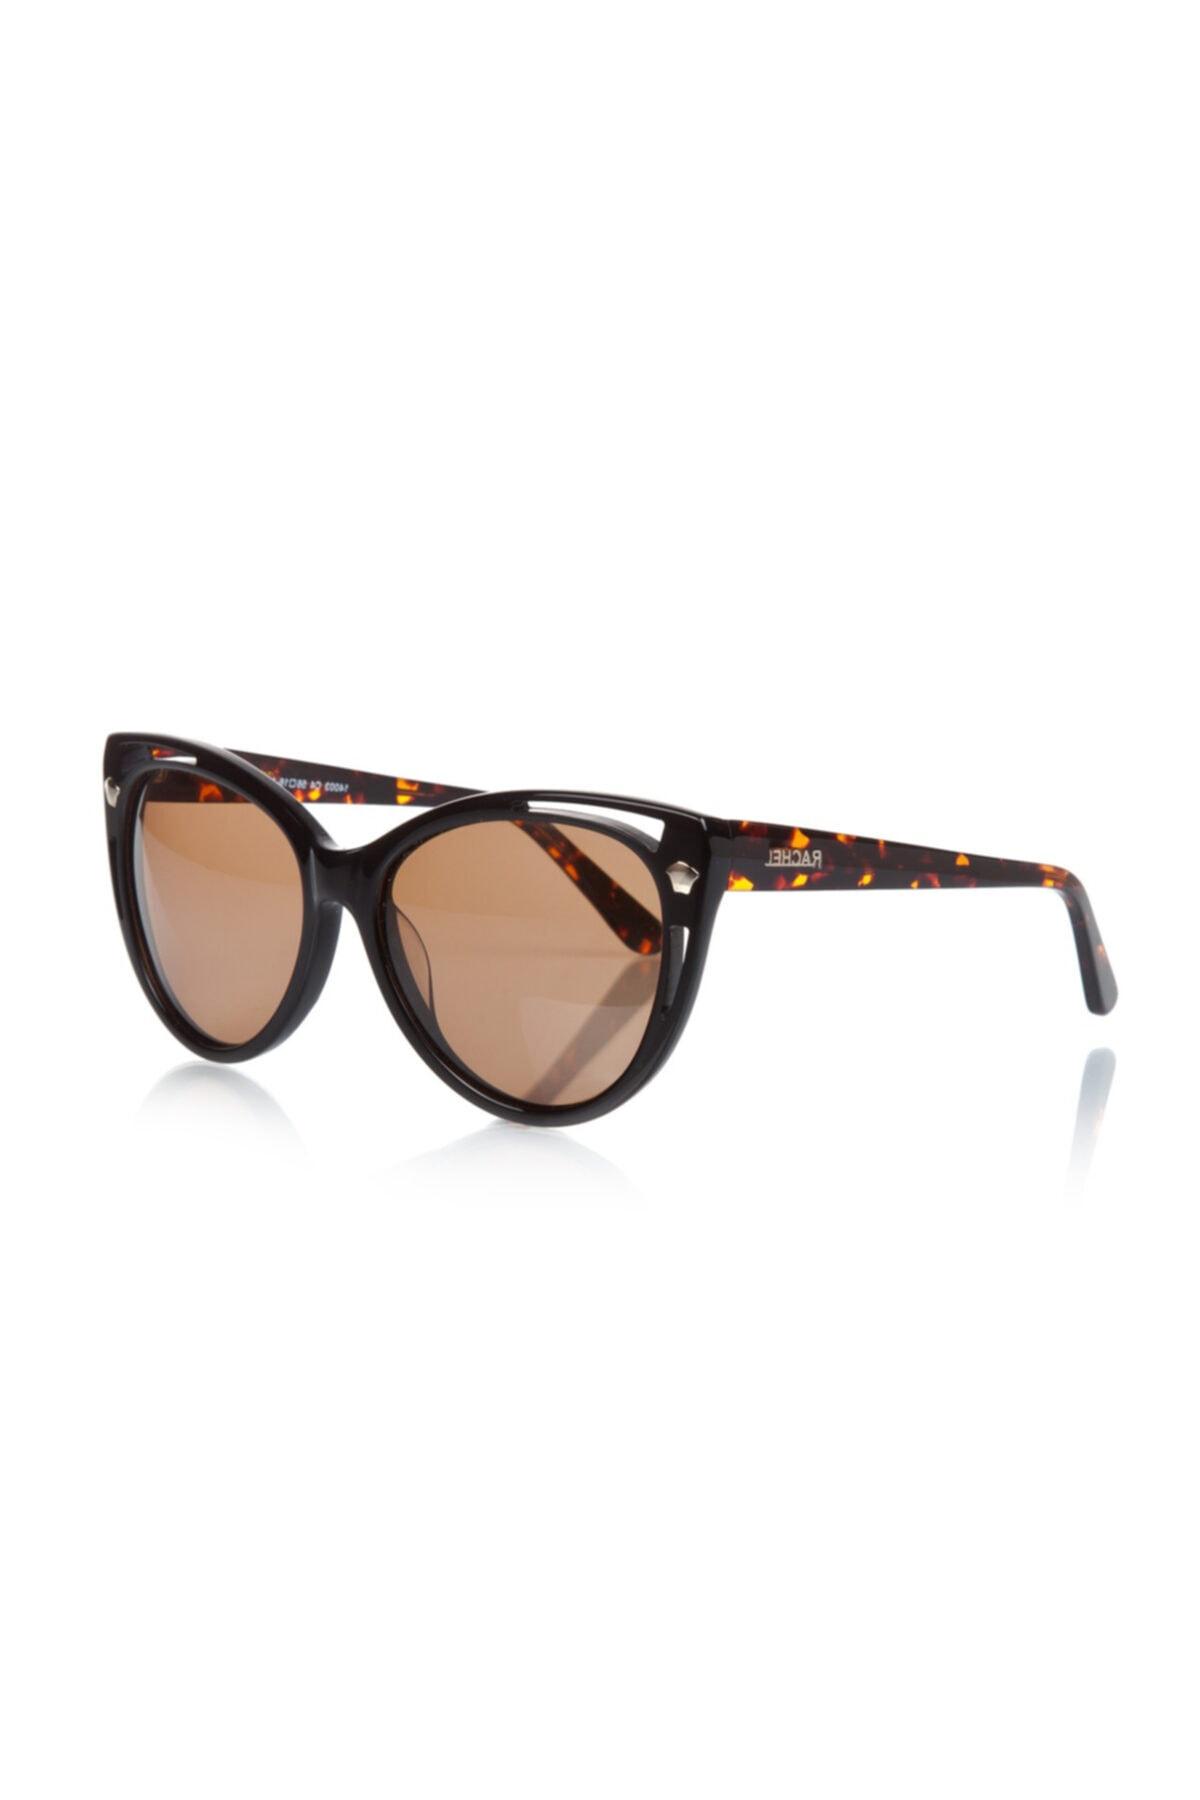 Rachel Kadın Kahverengi Cat Eye Güneş Gözlüğü RH 14003 04 1